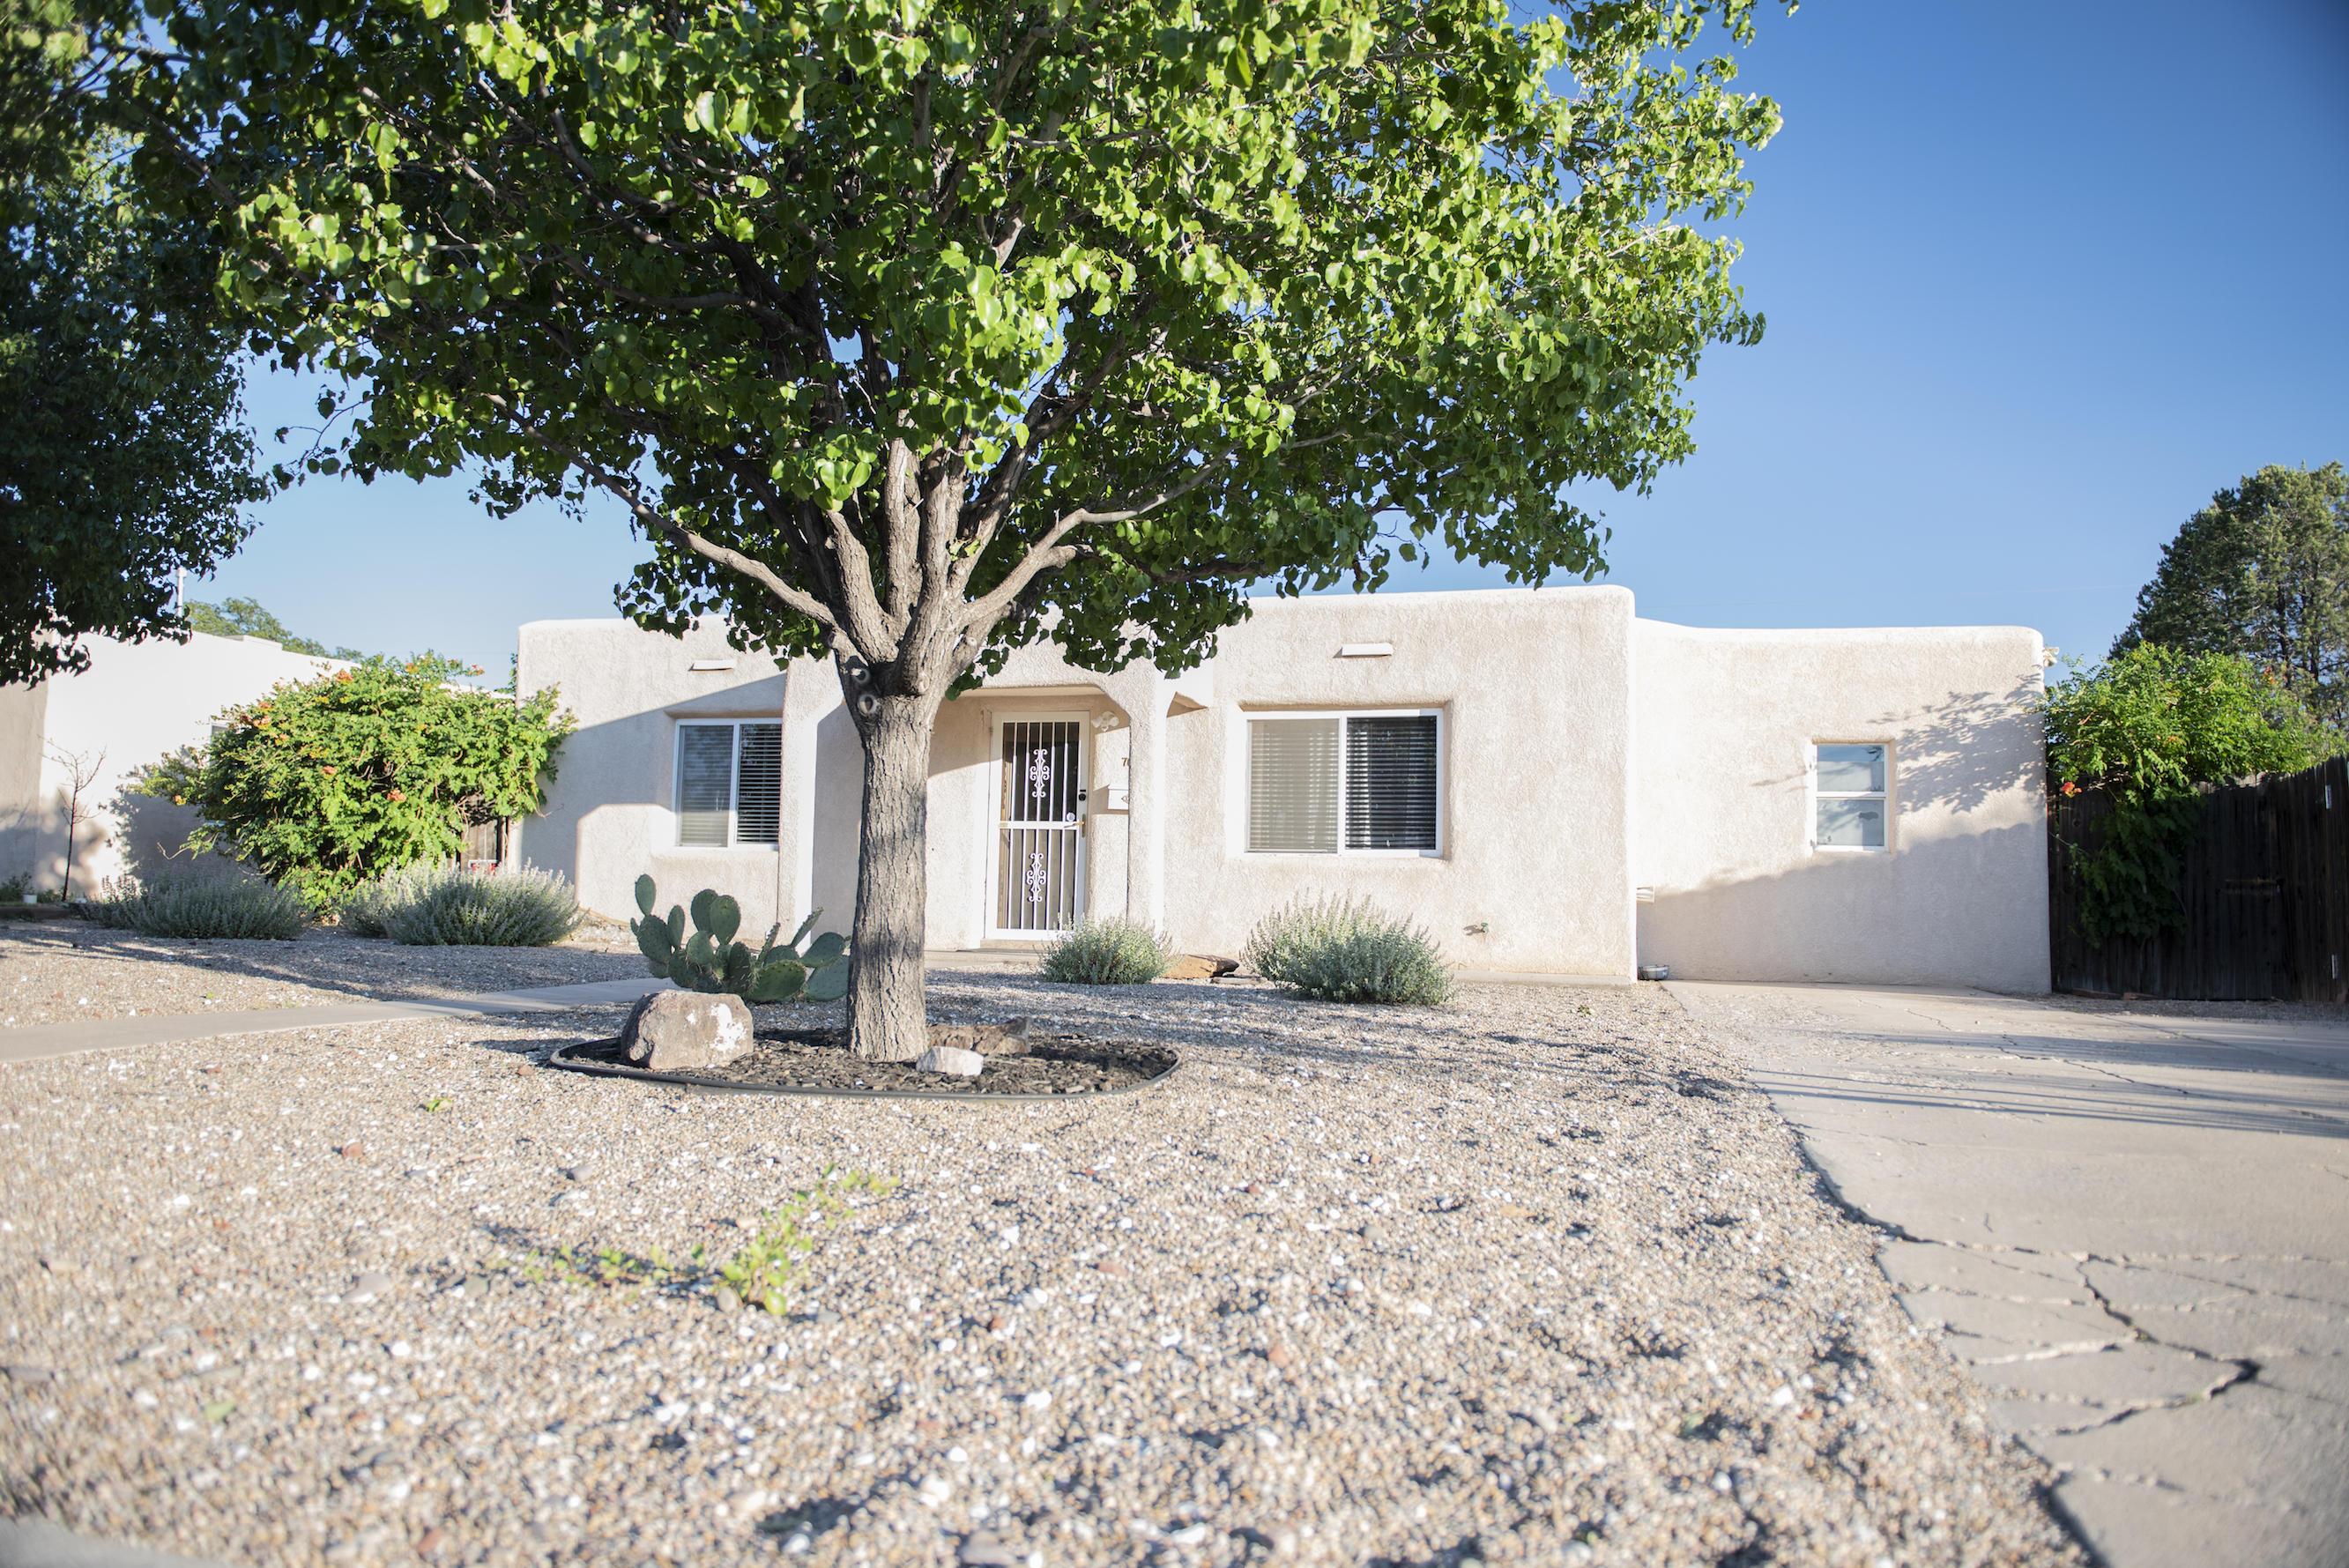 7602 EUCLID Avenue NE Property Photo - Albuquerque, NM real estate listing